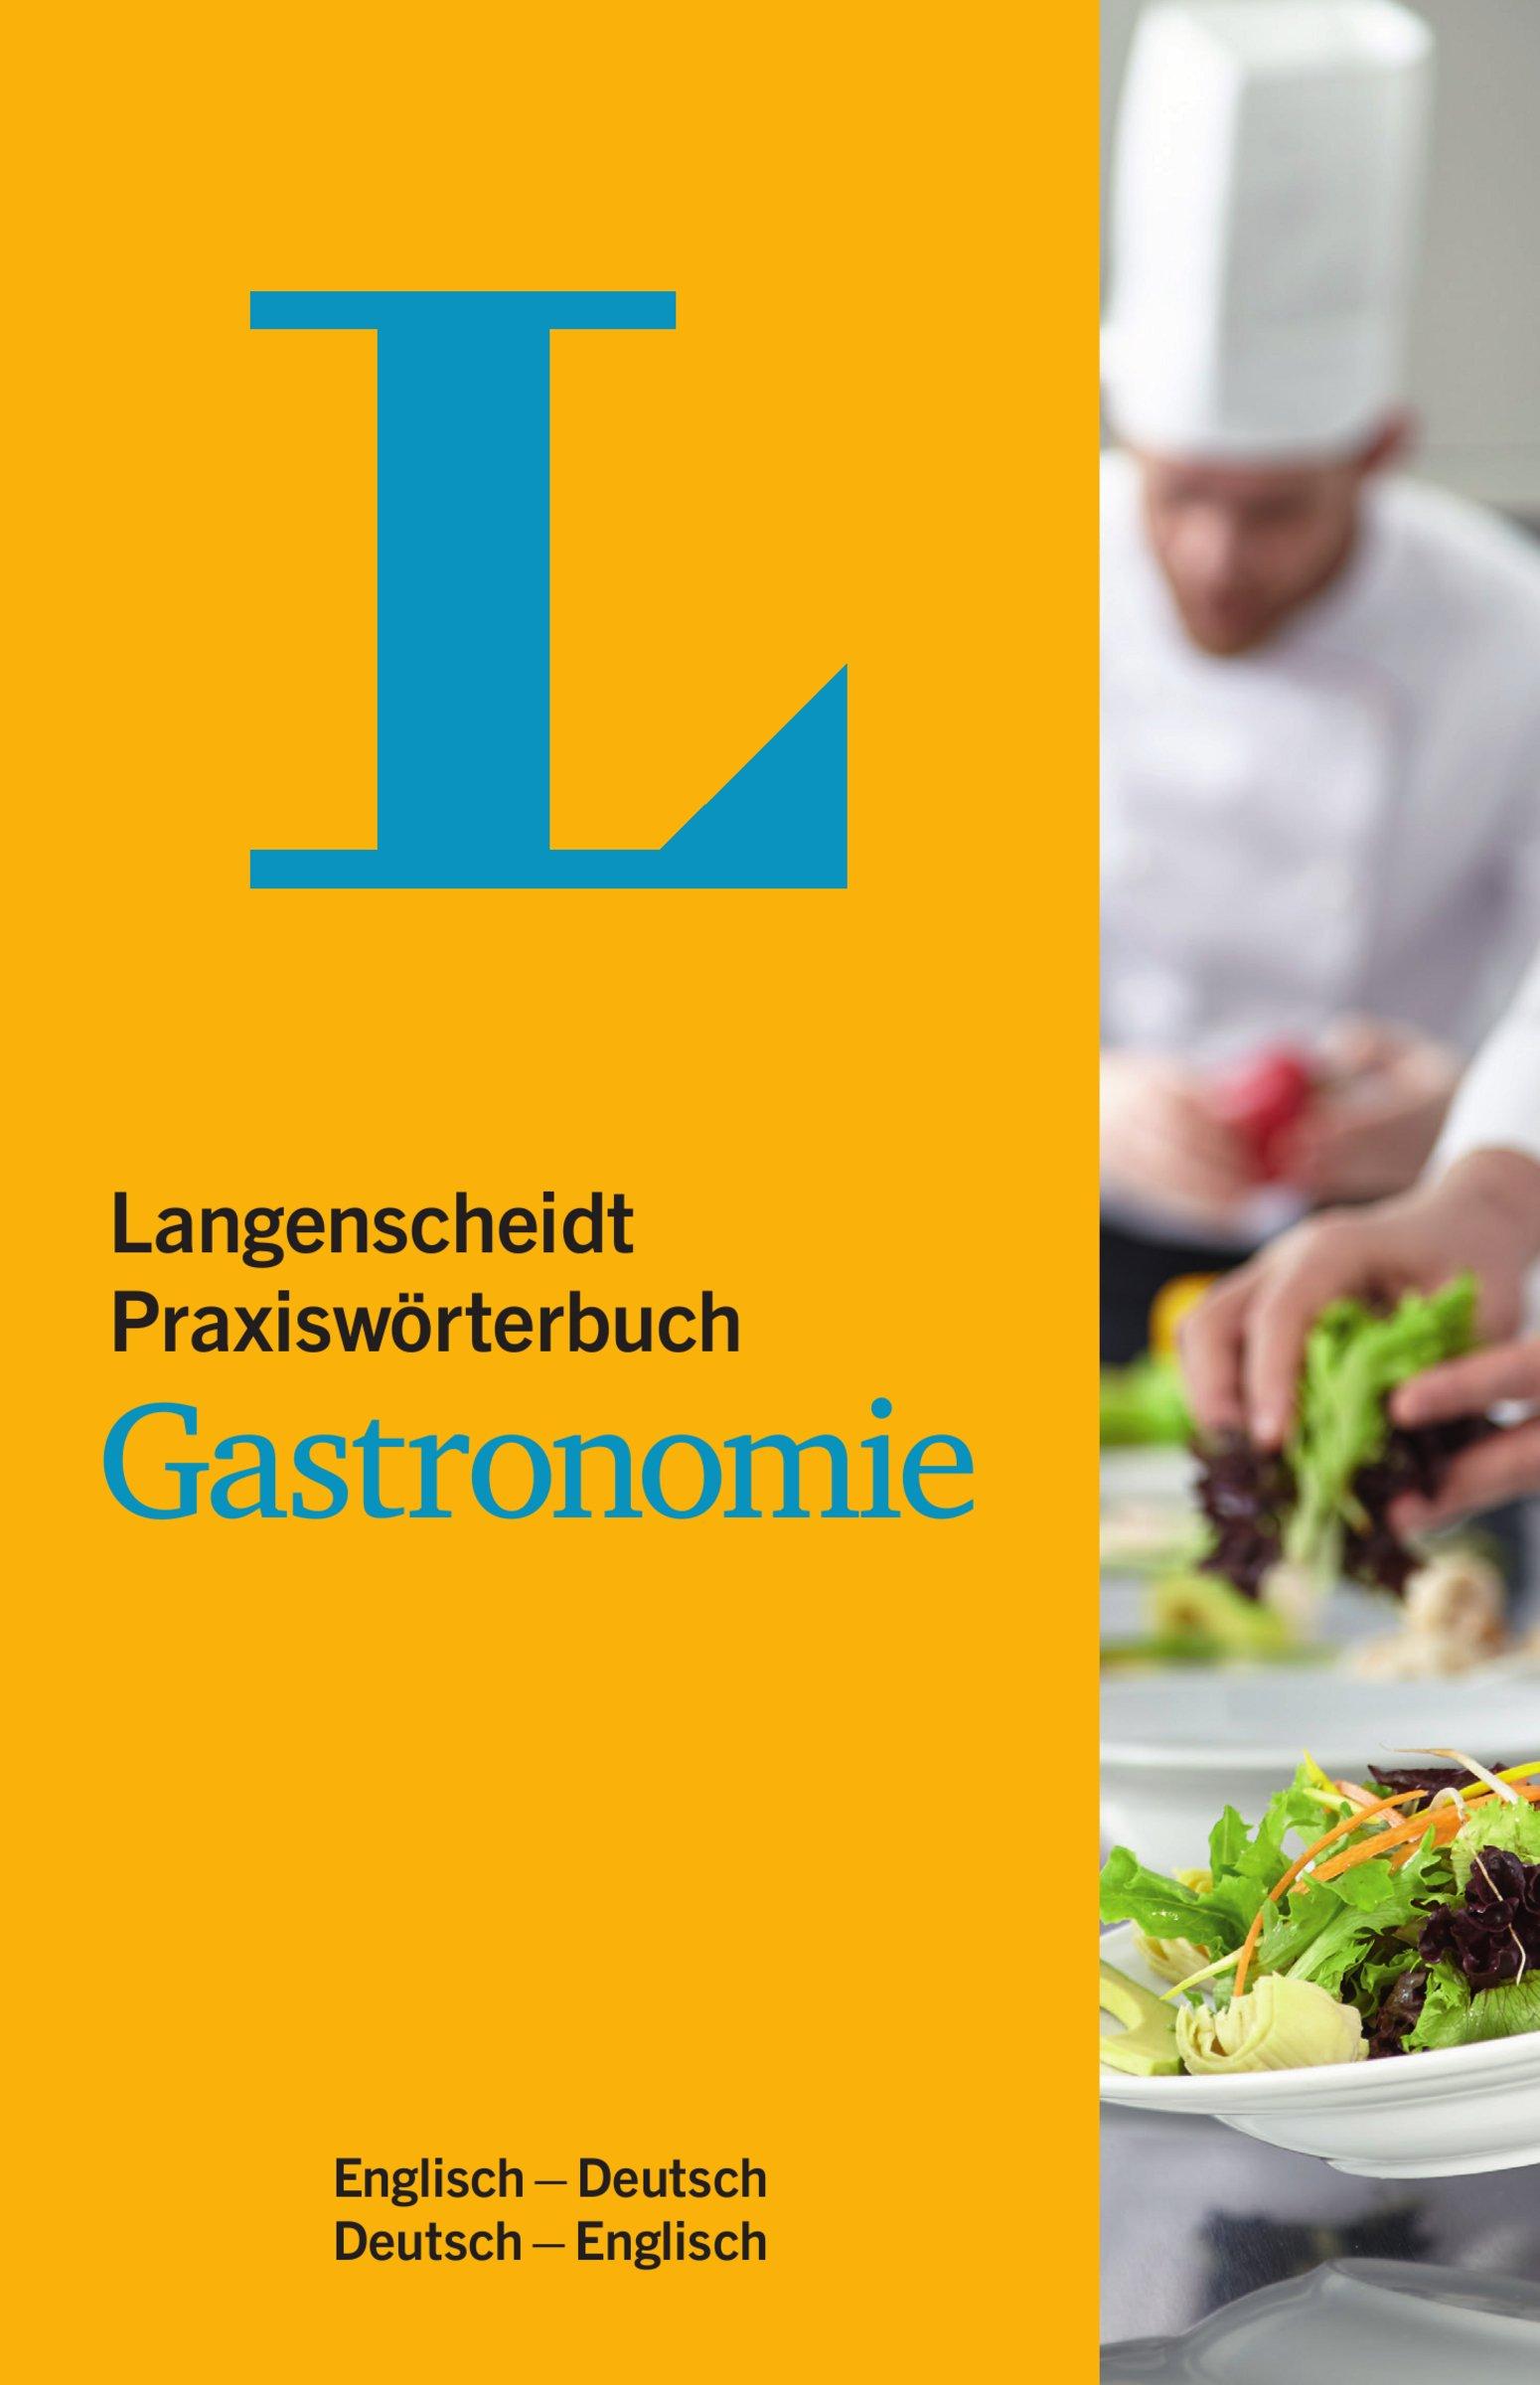 Langenscheidt Praxiswörterbuch Gastronomie Englisch: Englisch-Deutsch/Deutsch-Englisch (Langenscheidt Praxiswörterbücher)